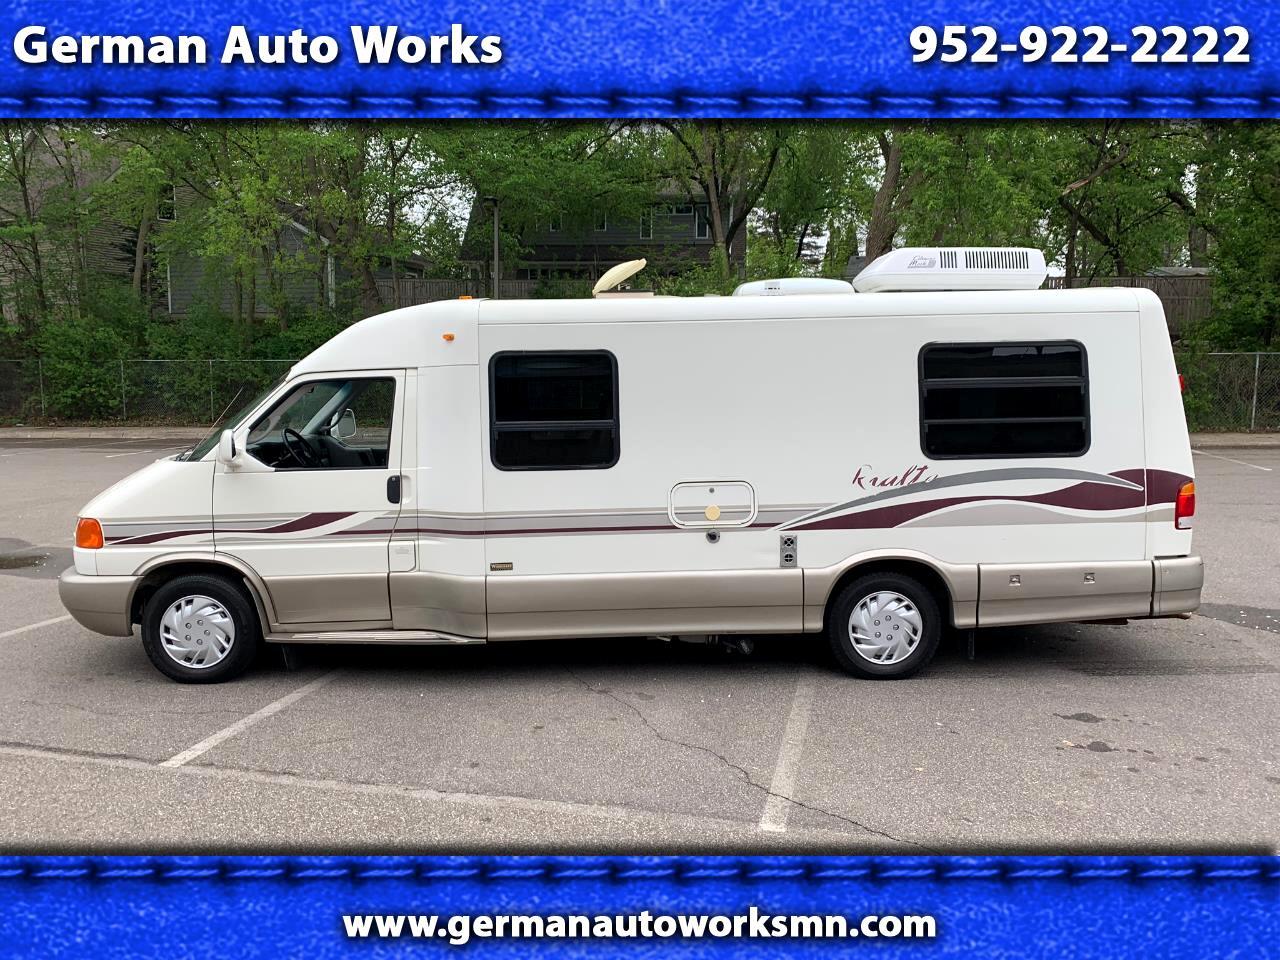 2001 Volkswagen Vanagon/Campmobile Camper Van